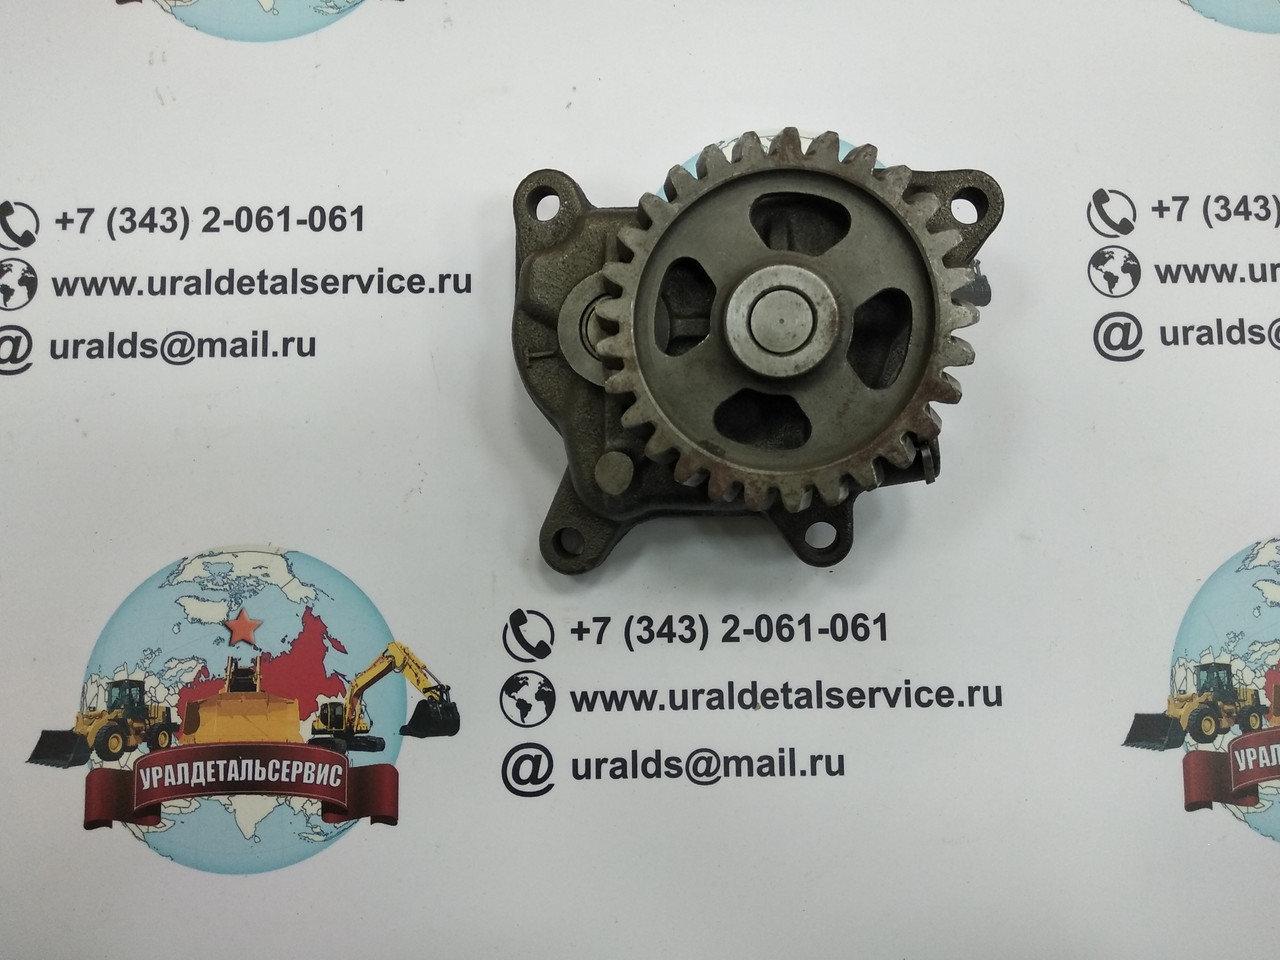 Nasos-maslyannyj-8943955641-2